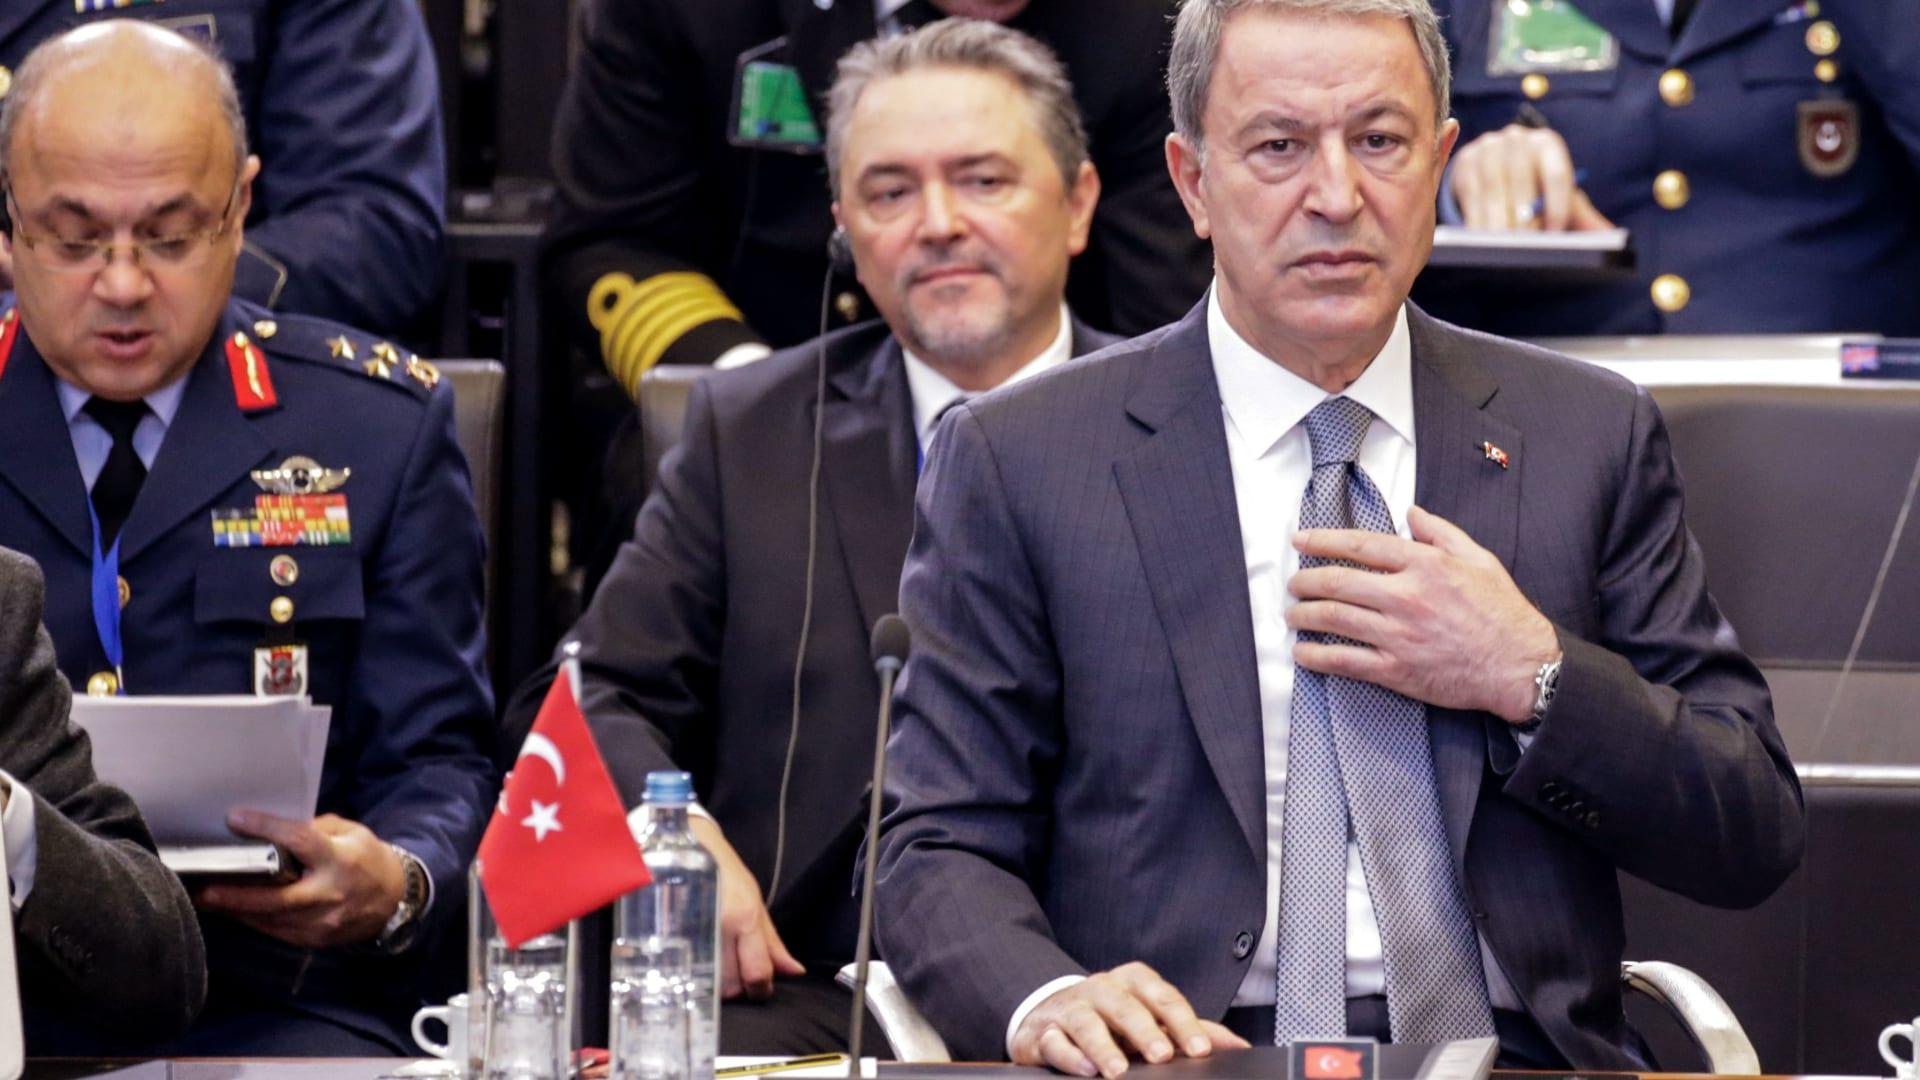 وزير الدفاع التركي: الاتفاقية البحرية مصر واليونان غير قانونية